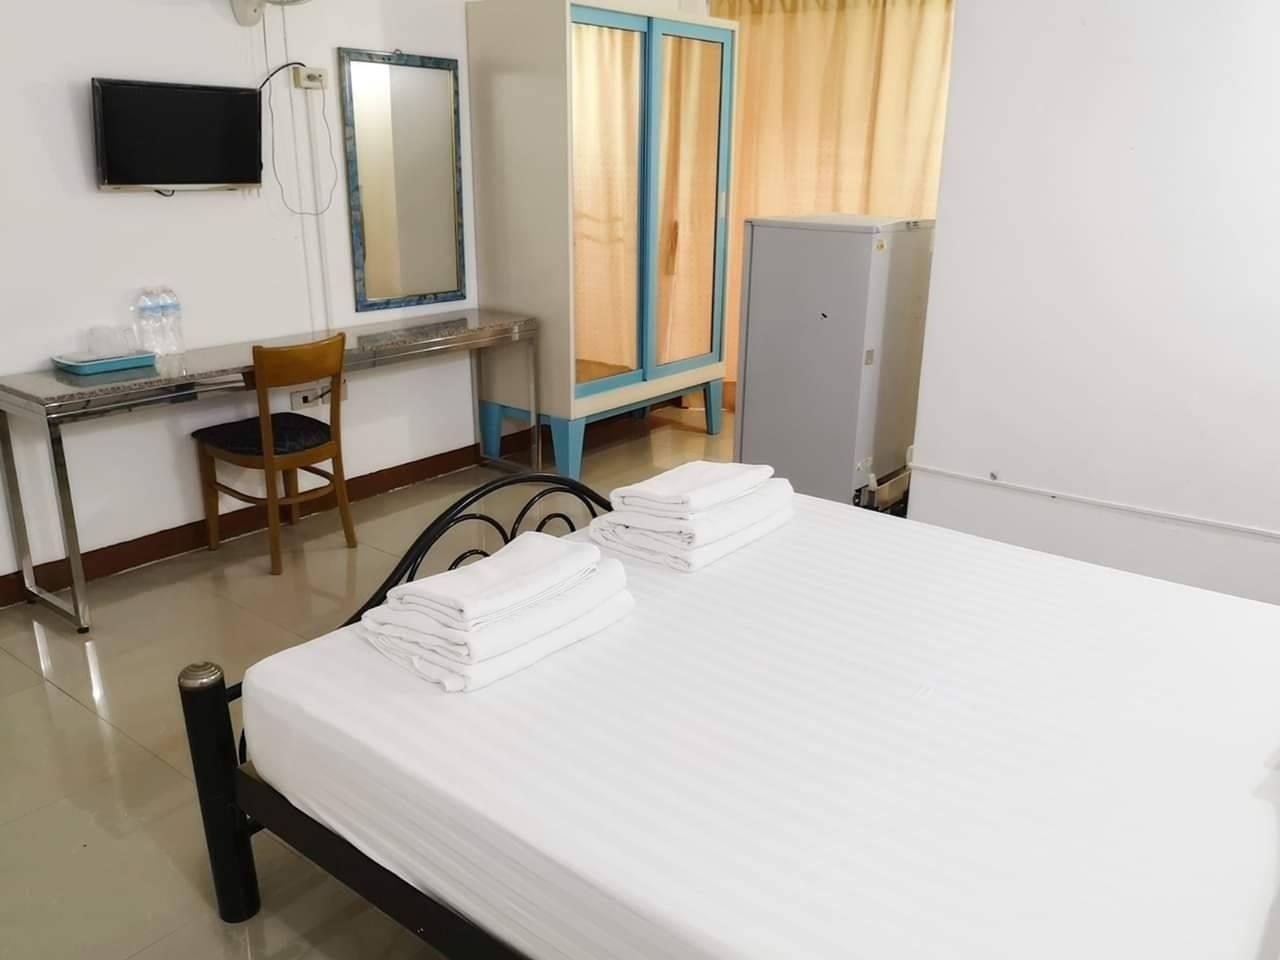 Kanitta   10 Mins. Close To Suvarnabhumi Airpot